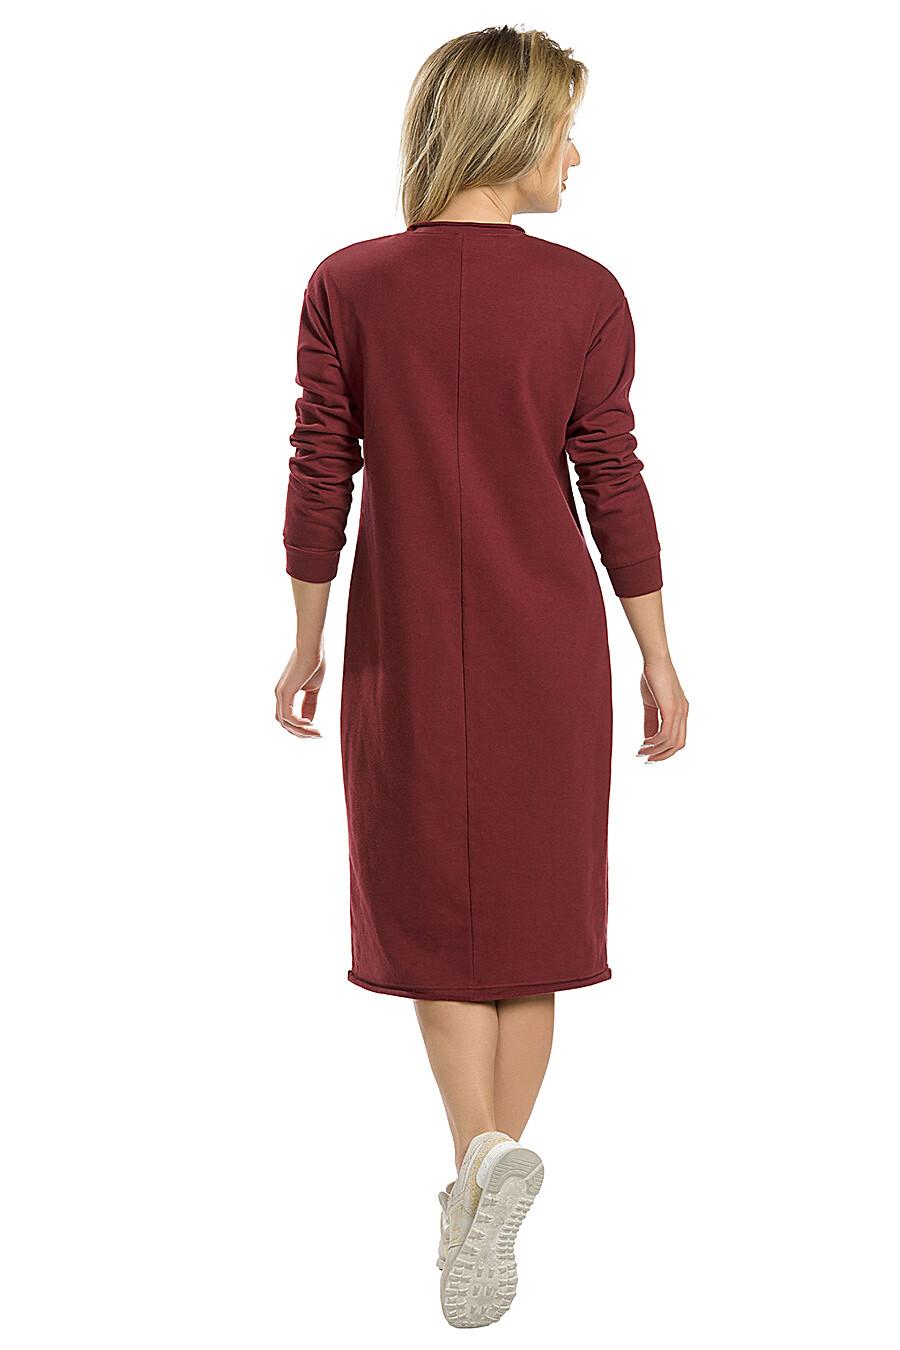 Платье для женщин PELICAN 146626 купить оптом от производителя. Совместная покупка женской одежды в OptMoyo